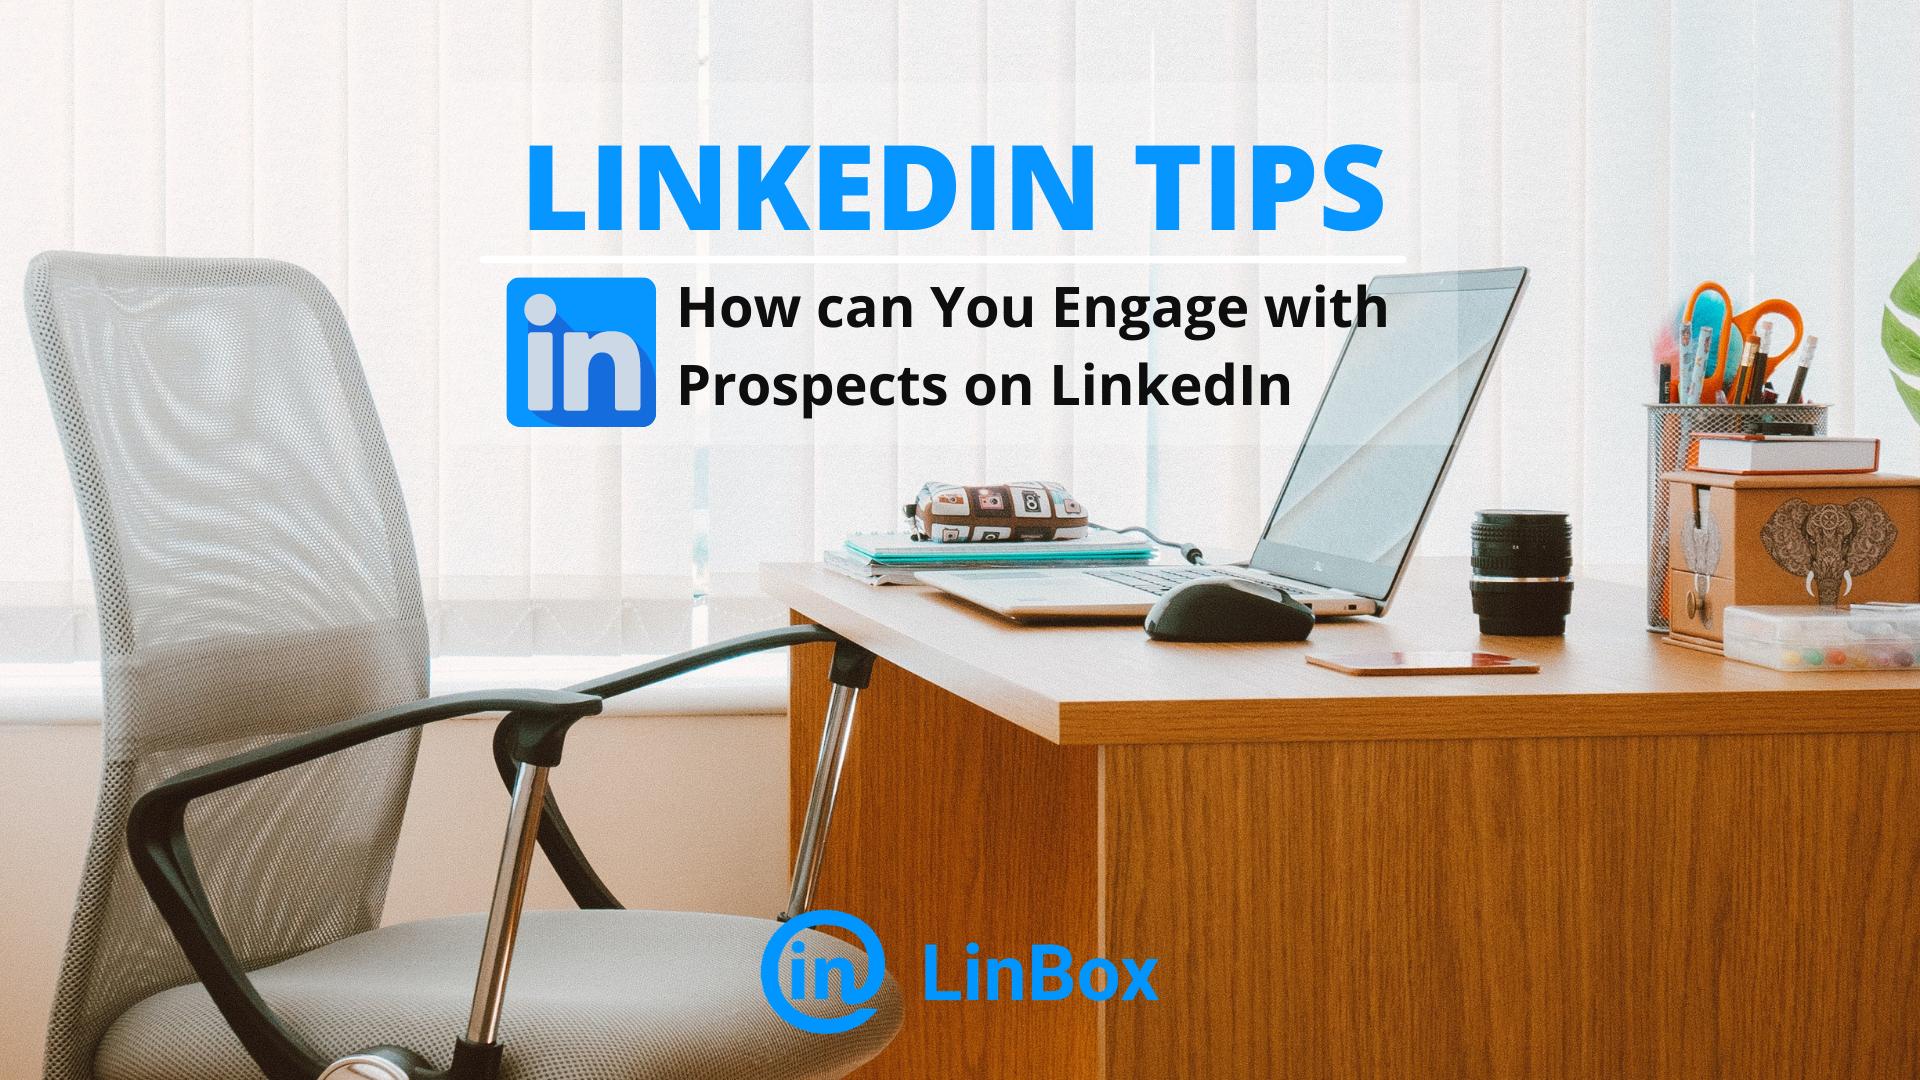 Engage Prospects on Linkedin